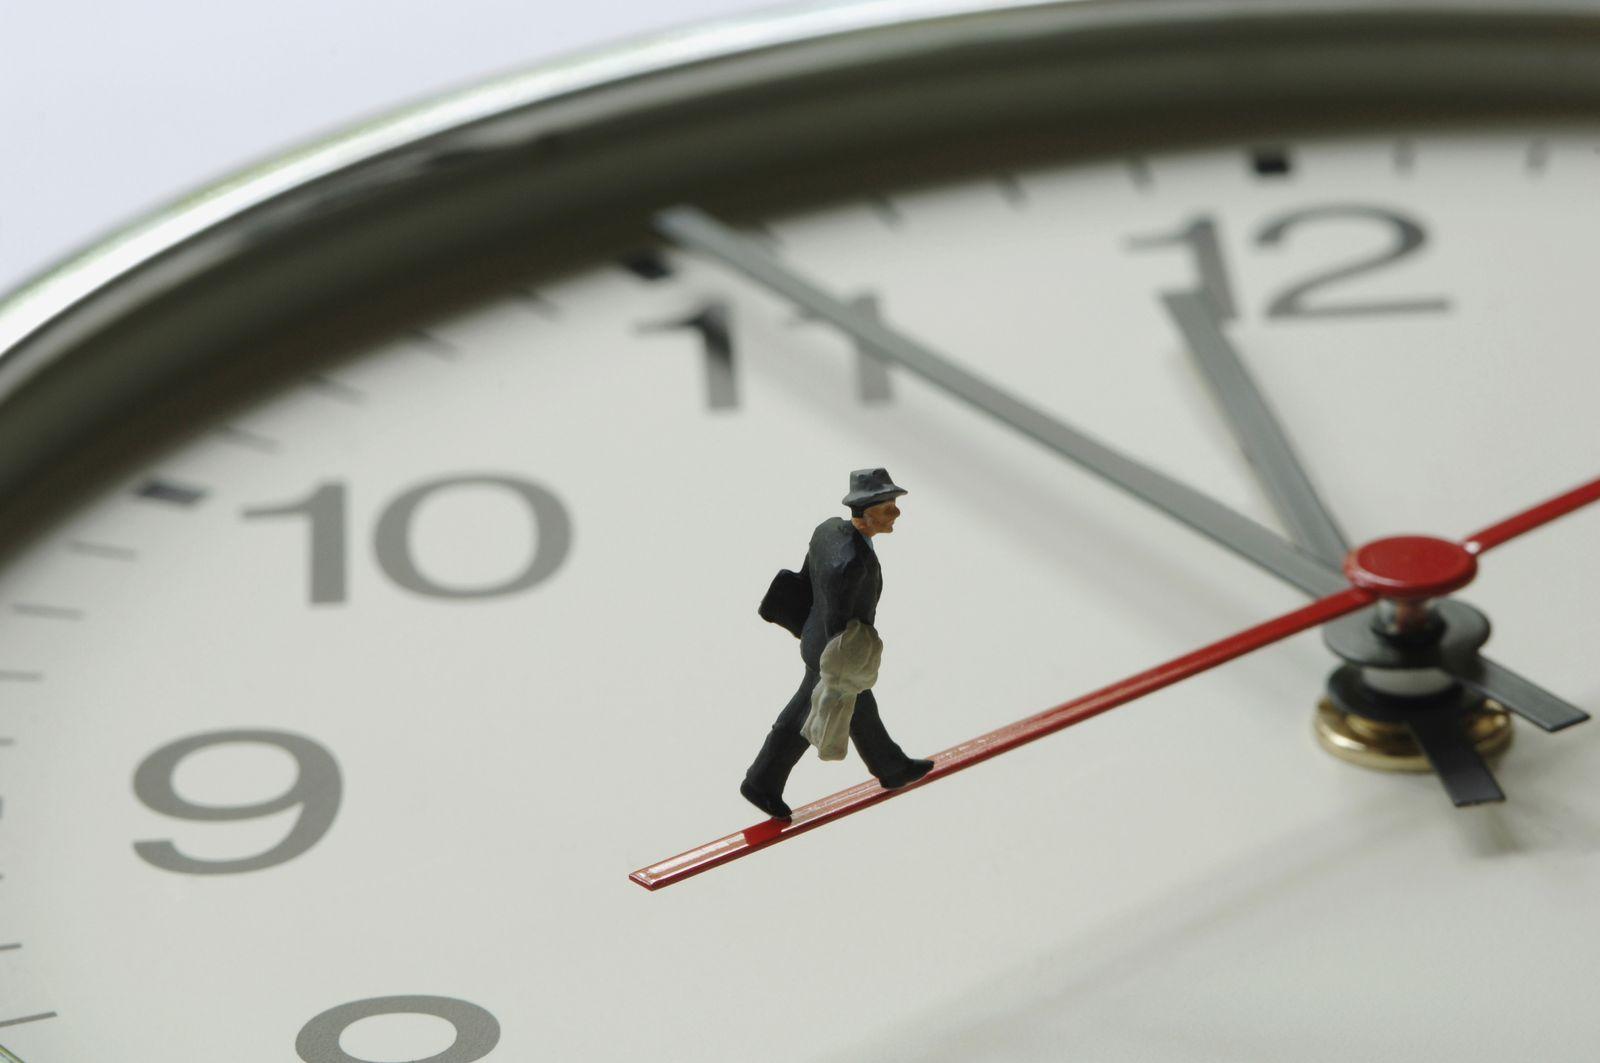 NICHT MEHR VERWENDEN! - Uhr / Zeiger / Figur / Zeitdruck / kurz vor 12 / eilig